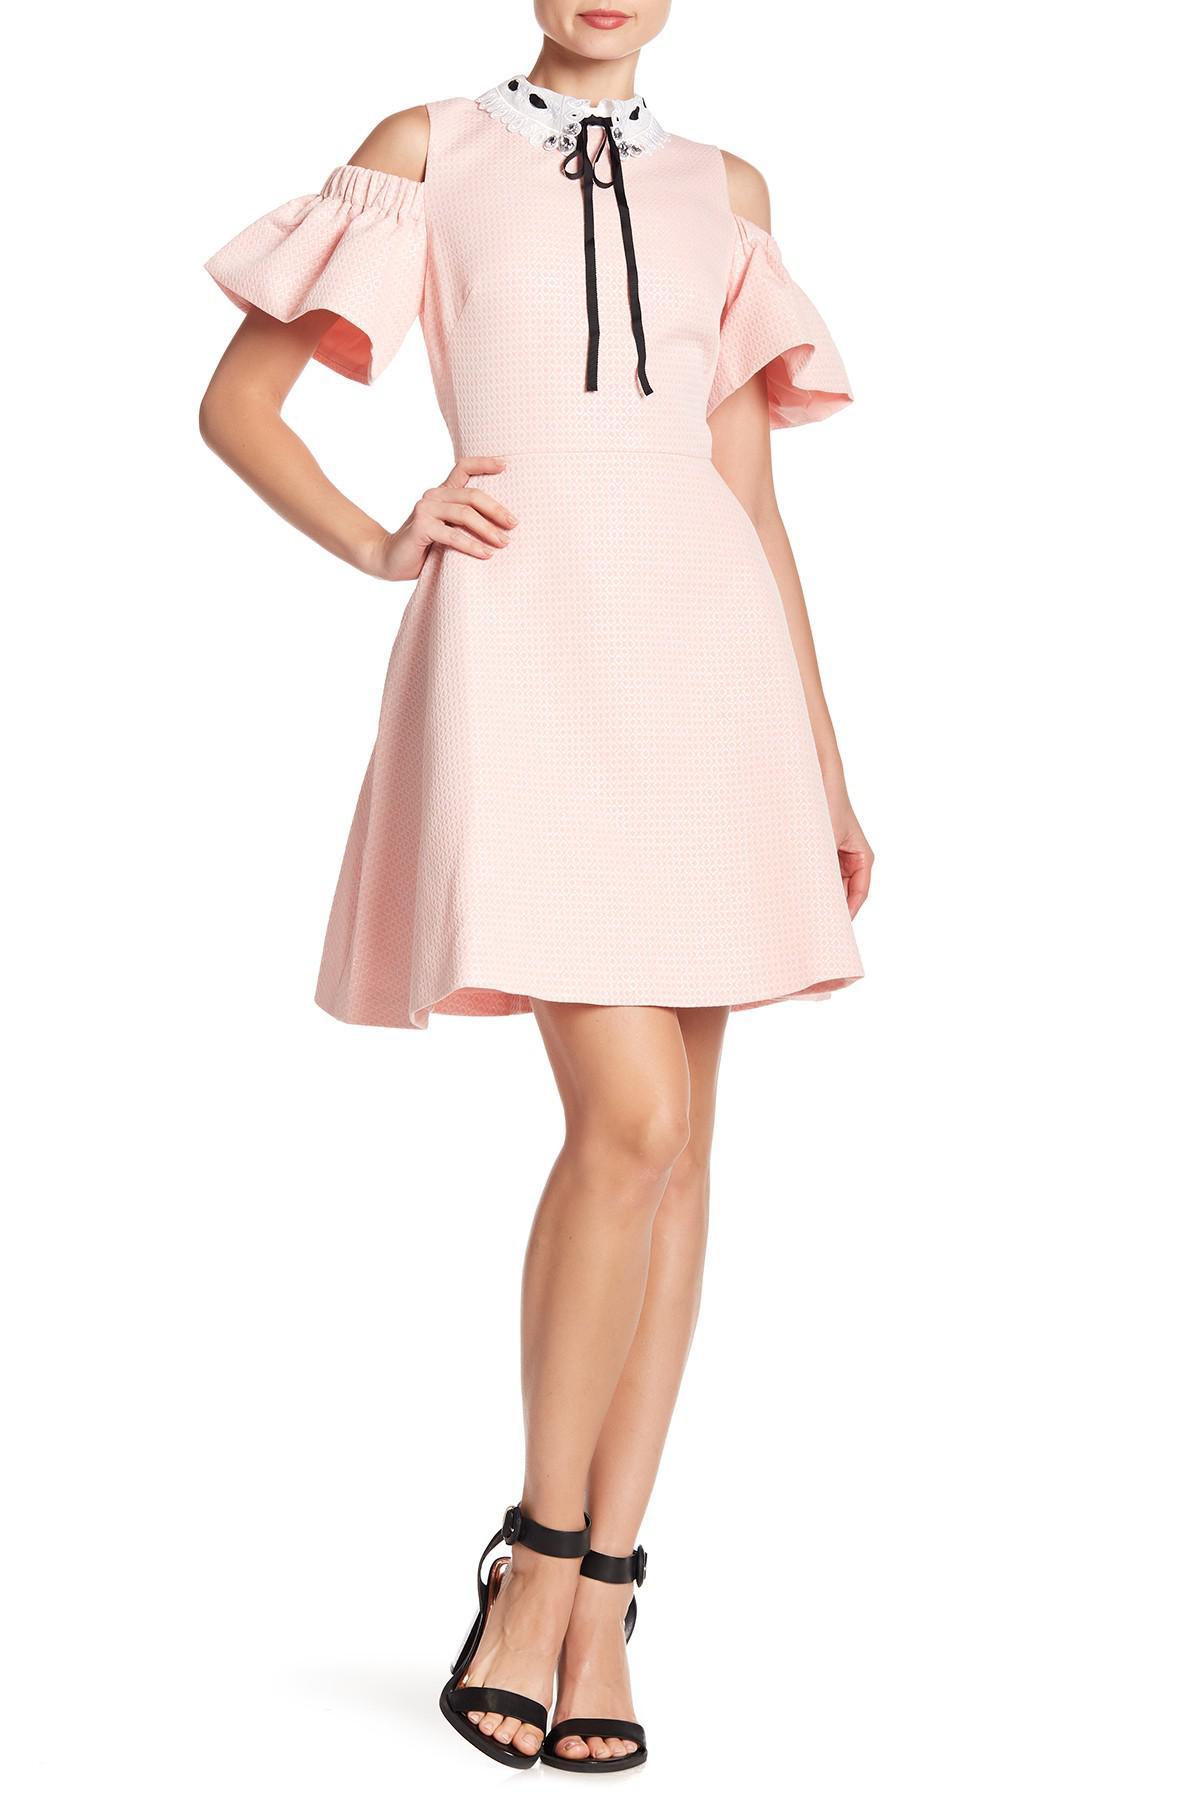 6b8519f332f Lyst - Ted Baker Cold Shoulder Skater Dress in Pink - Save 16%